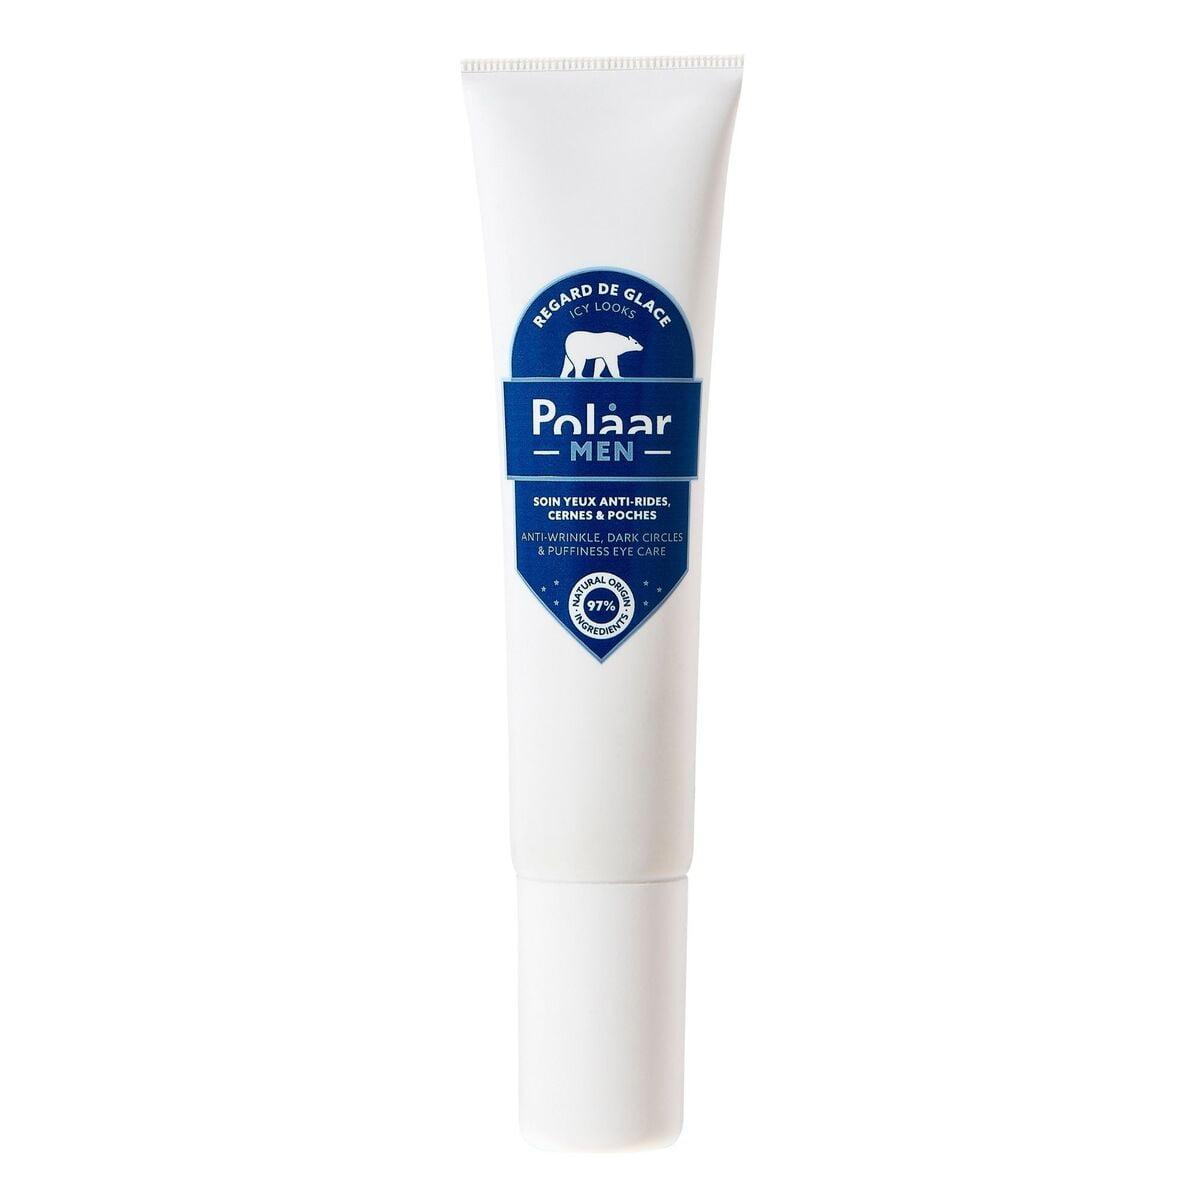 Polaar Men - Regard de glace - Soin yeux anti-rides, cernes et poches